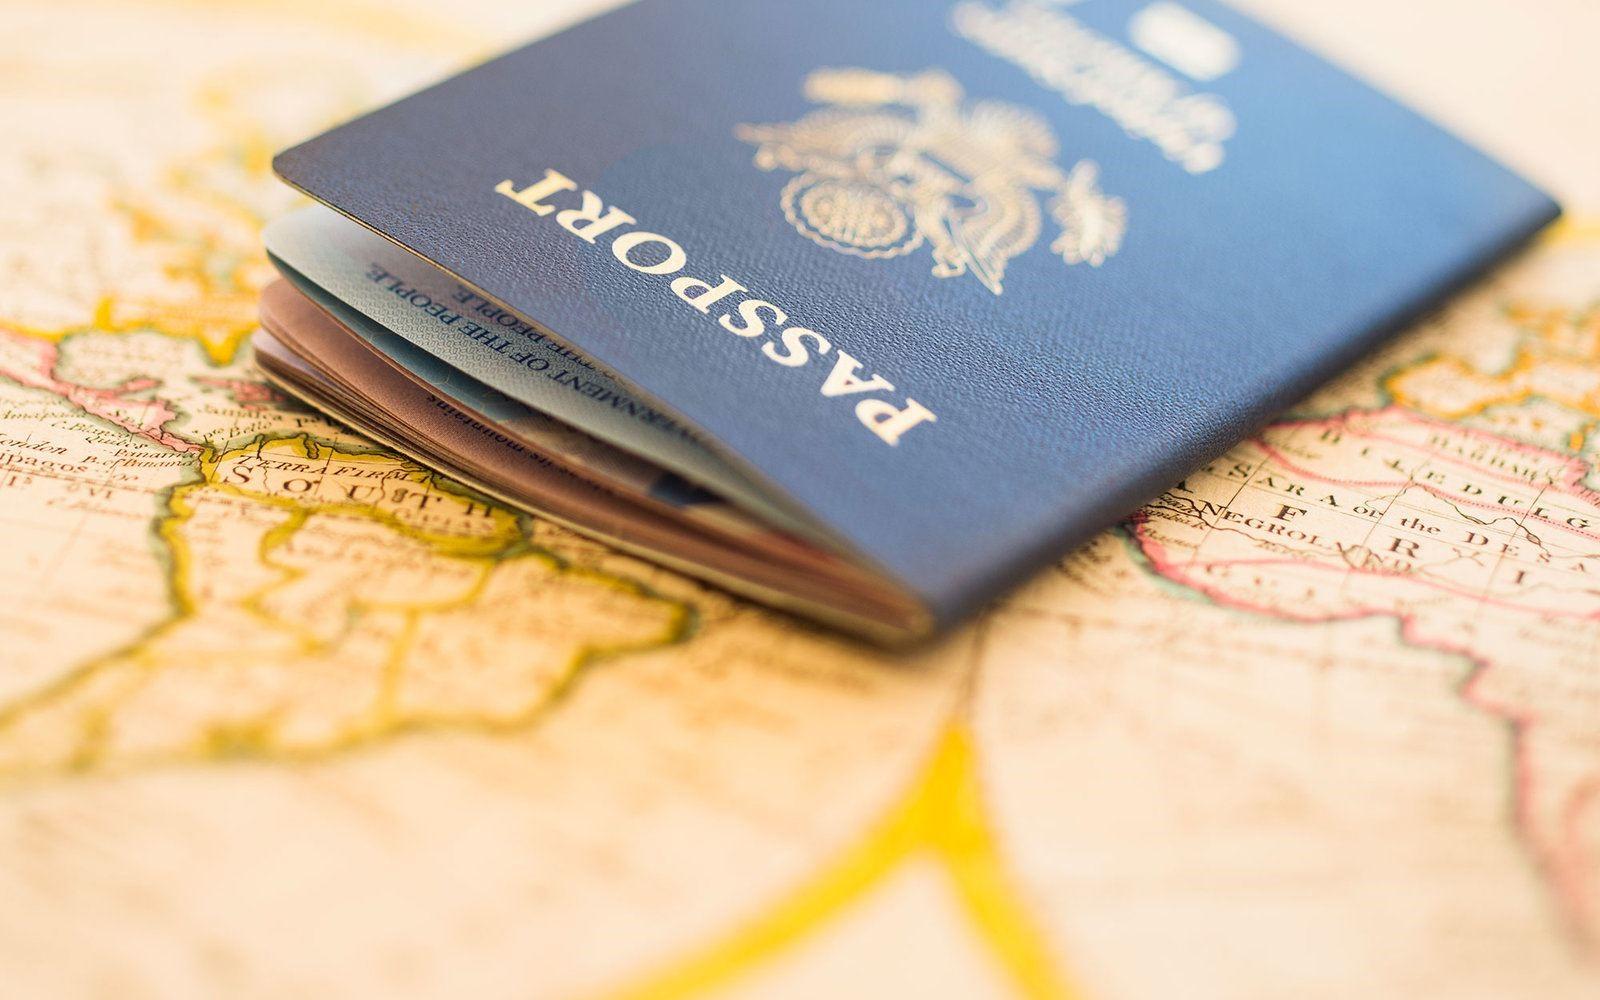 Cần chuẩn bị những giấy tờ hợp lệ khi xin visa định cư Mỹ